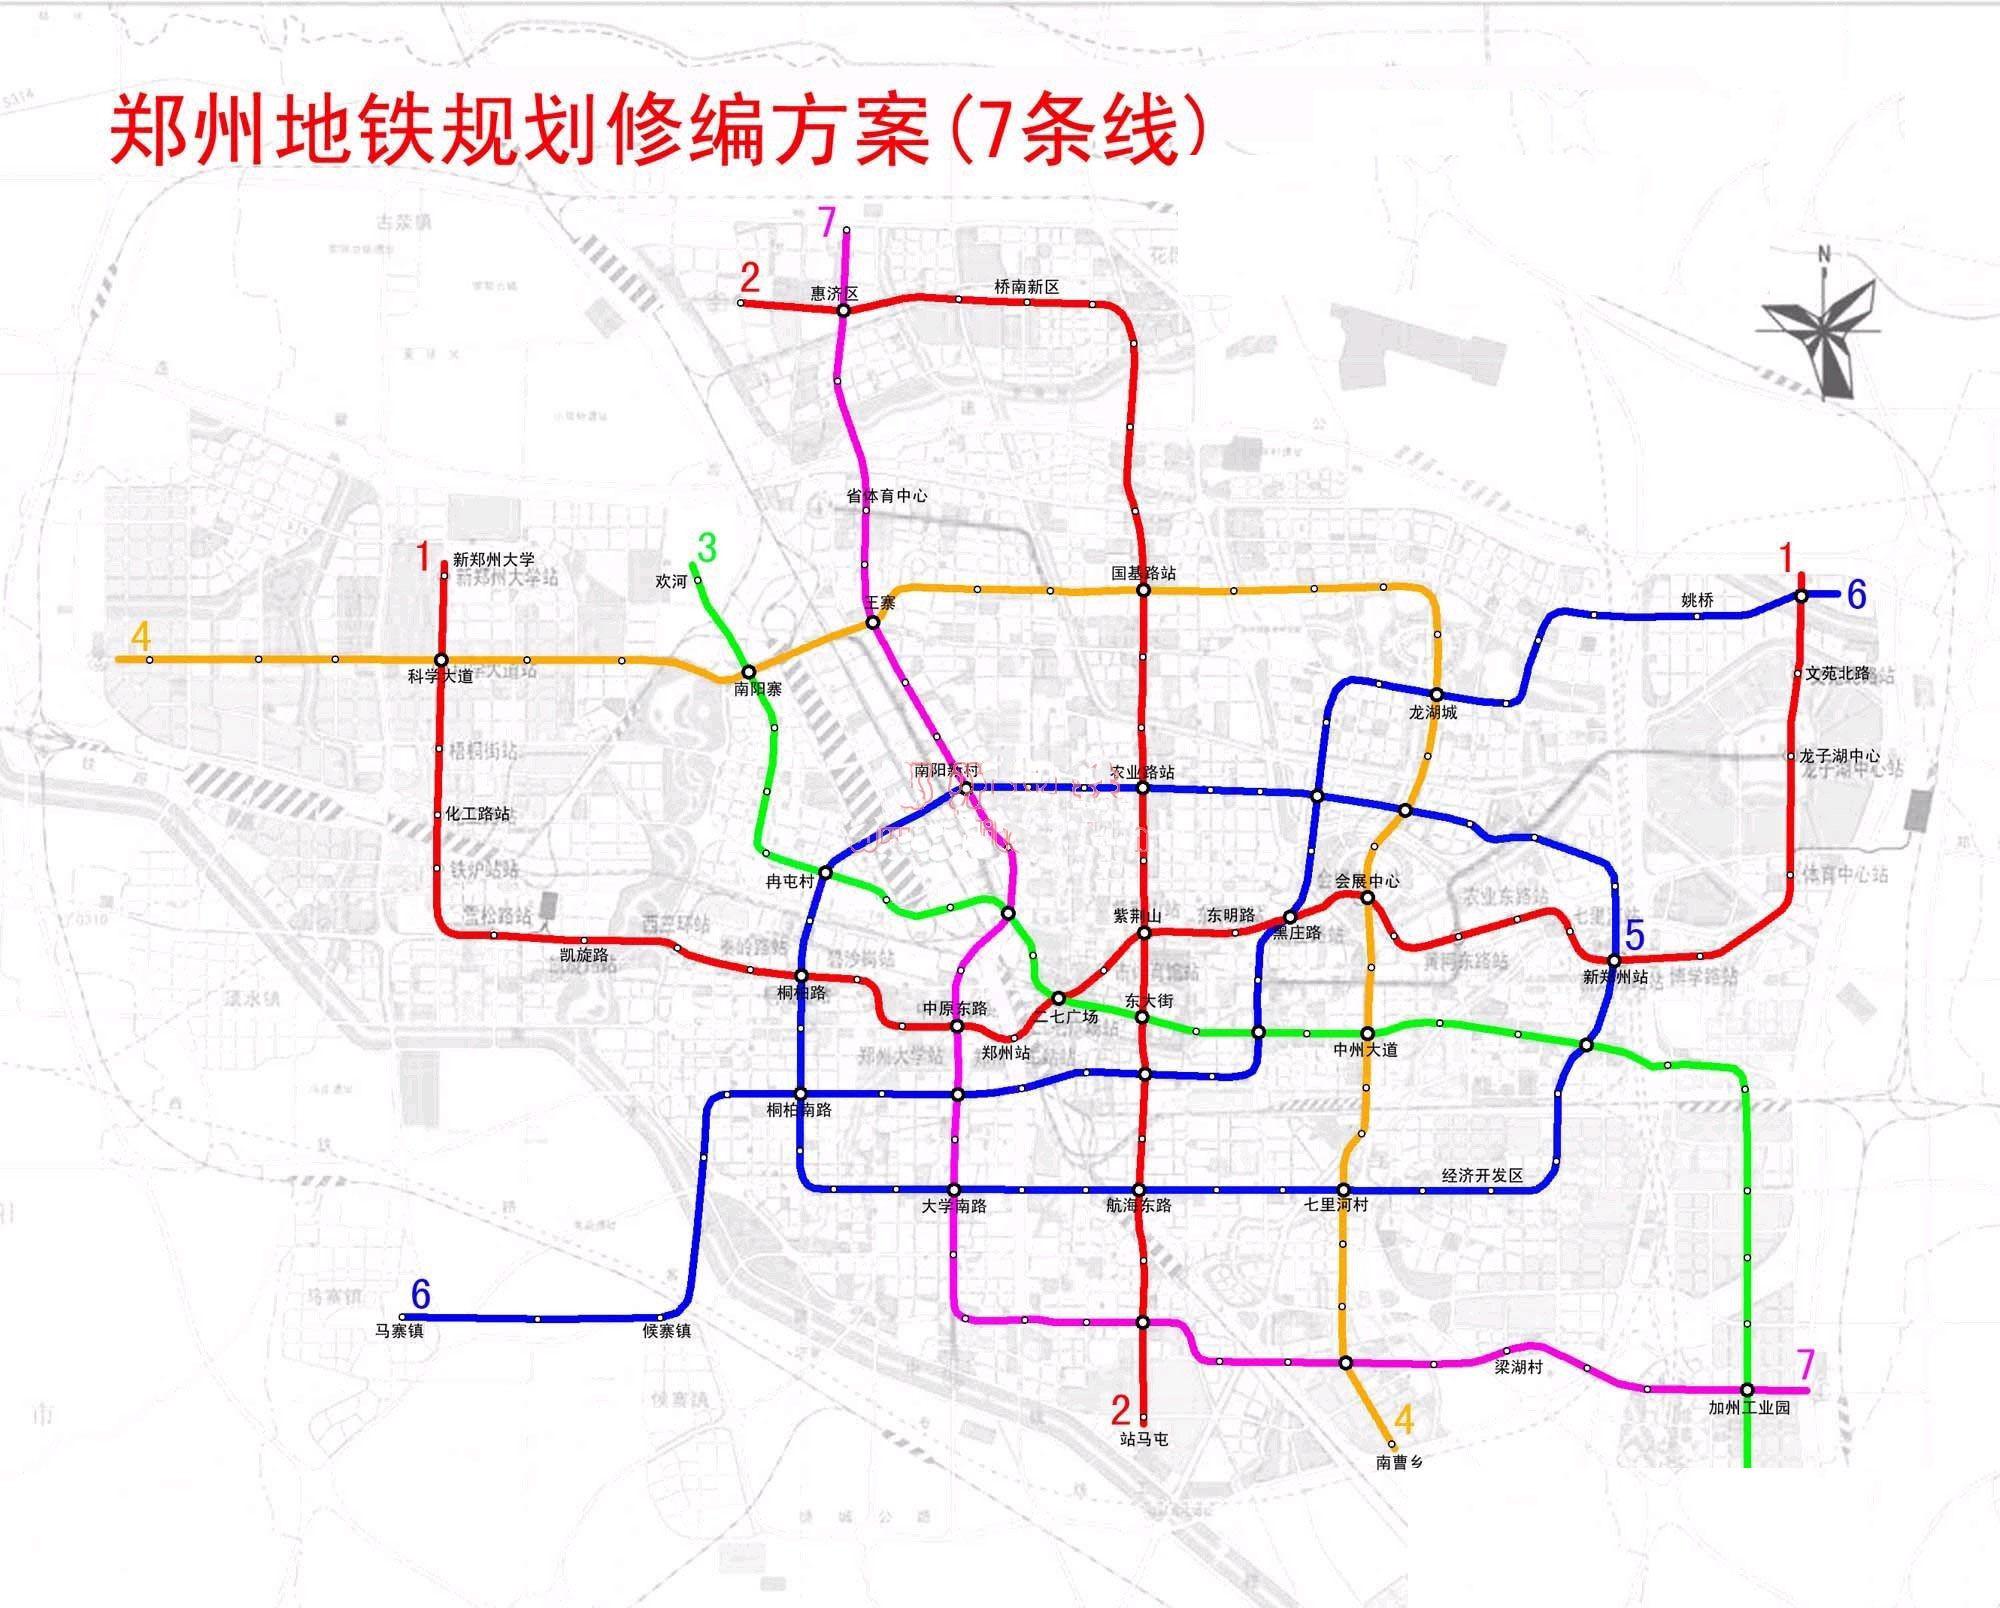 路示意图 无锡地铁一 号线 长春 地铁 一 号线郑州地铁 一 号线地图 图片